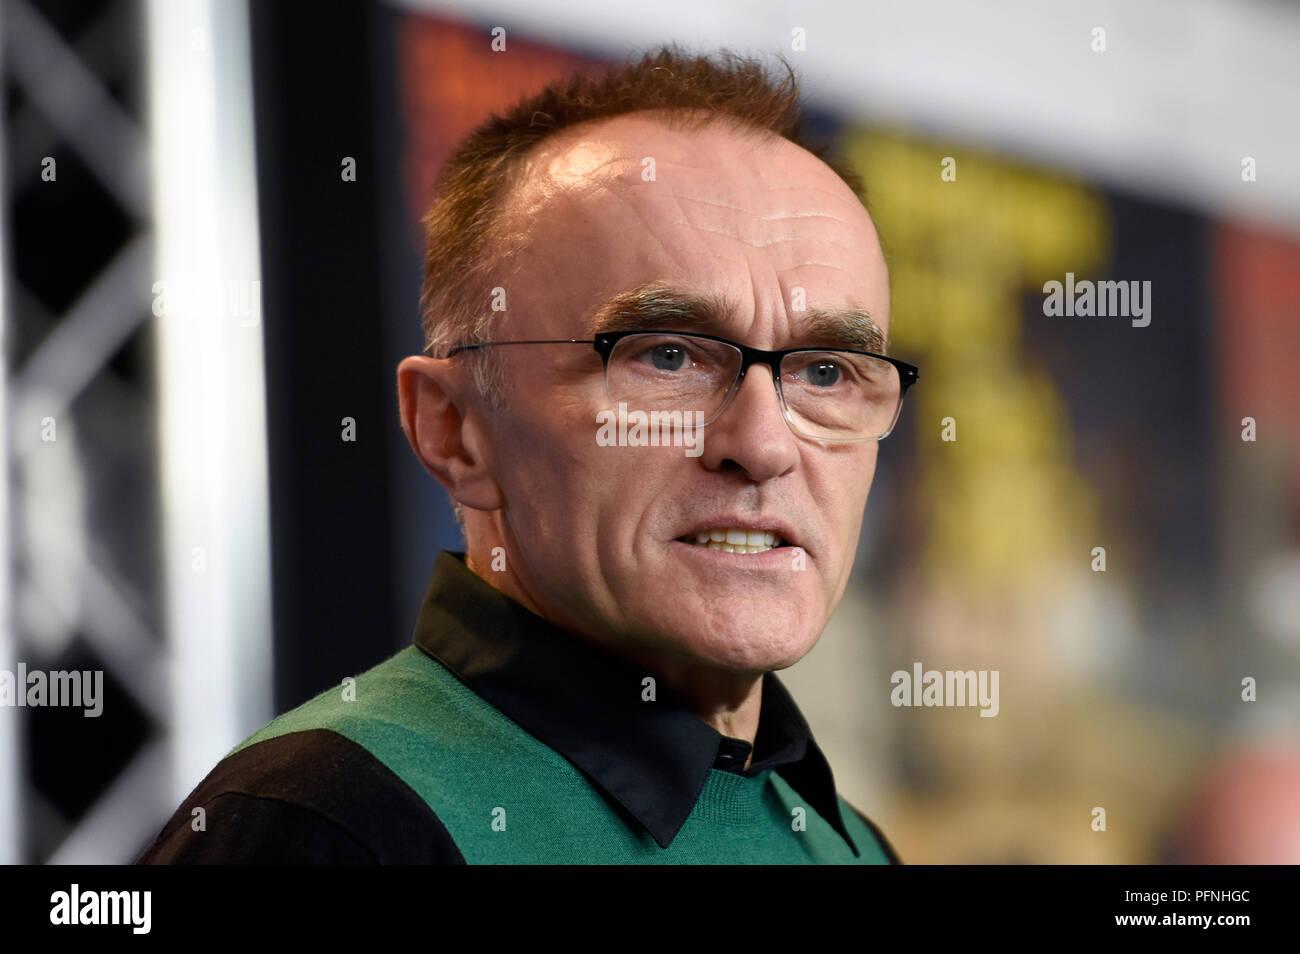 Berlin, Allemagne. 10 fév, 2017. Danny Boyle au cours de la 'T2 Trainspotting' conférence de presse au 67e Festival International du Film de Berlin/Berlinale 2017 le 10 février 2017 à Berlin, Allemagne. Utilisation dans le monde entier | Credit: dpa/Alamy Live News Banque D'Images